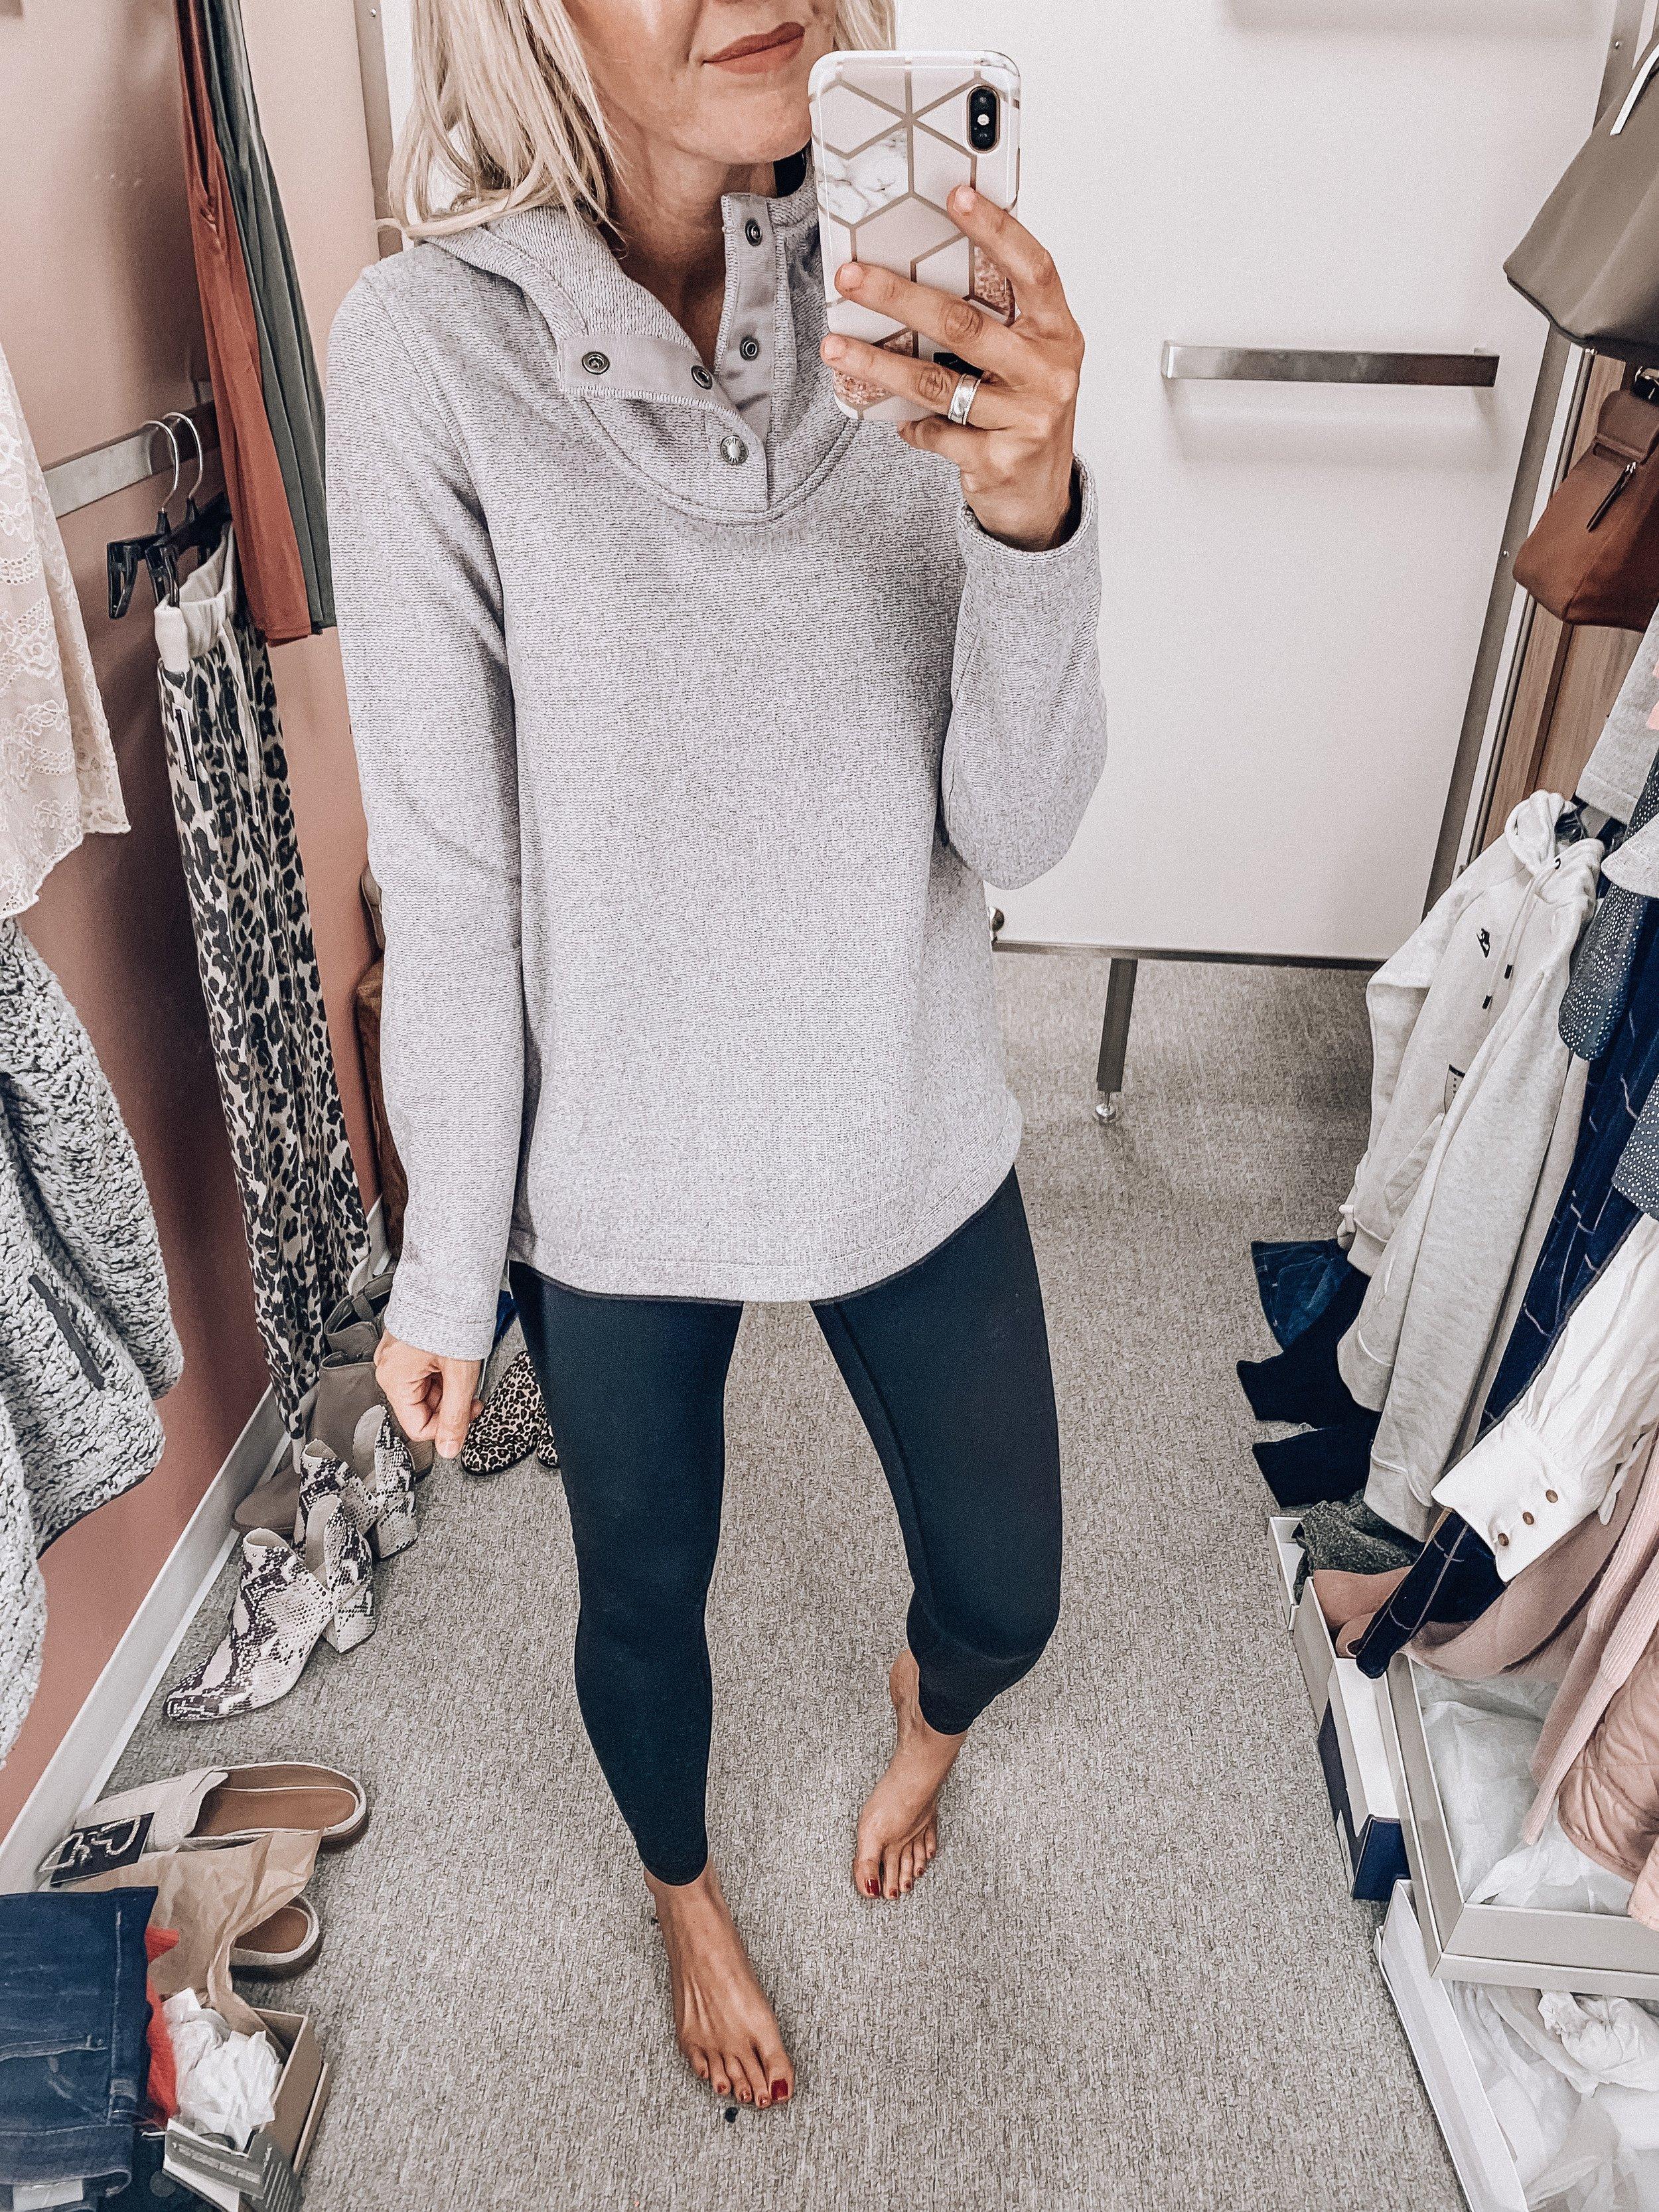 Pullover: size small  Zella leggings: size small